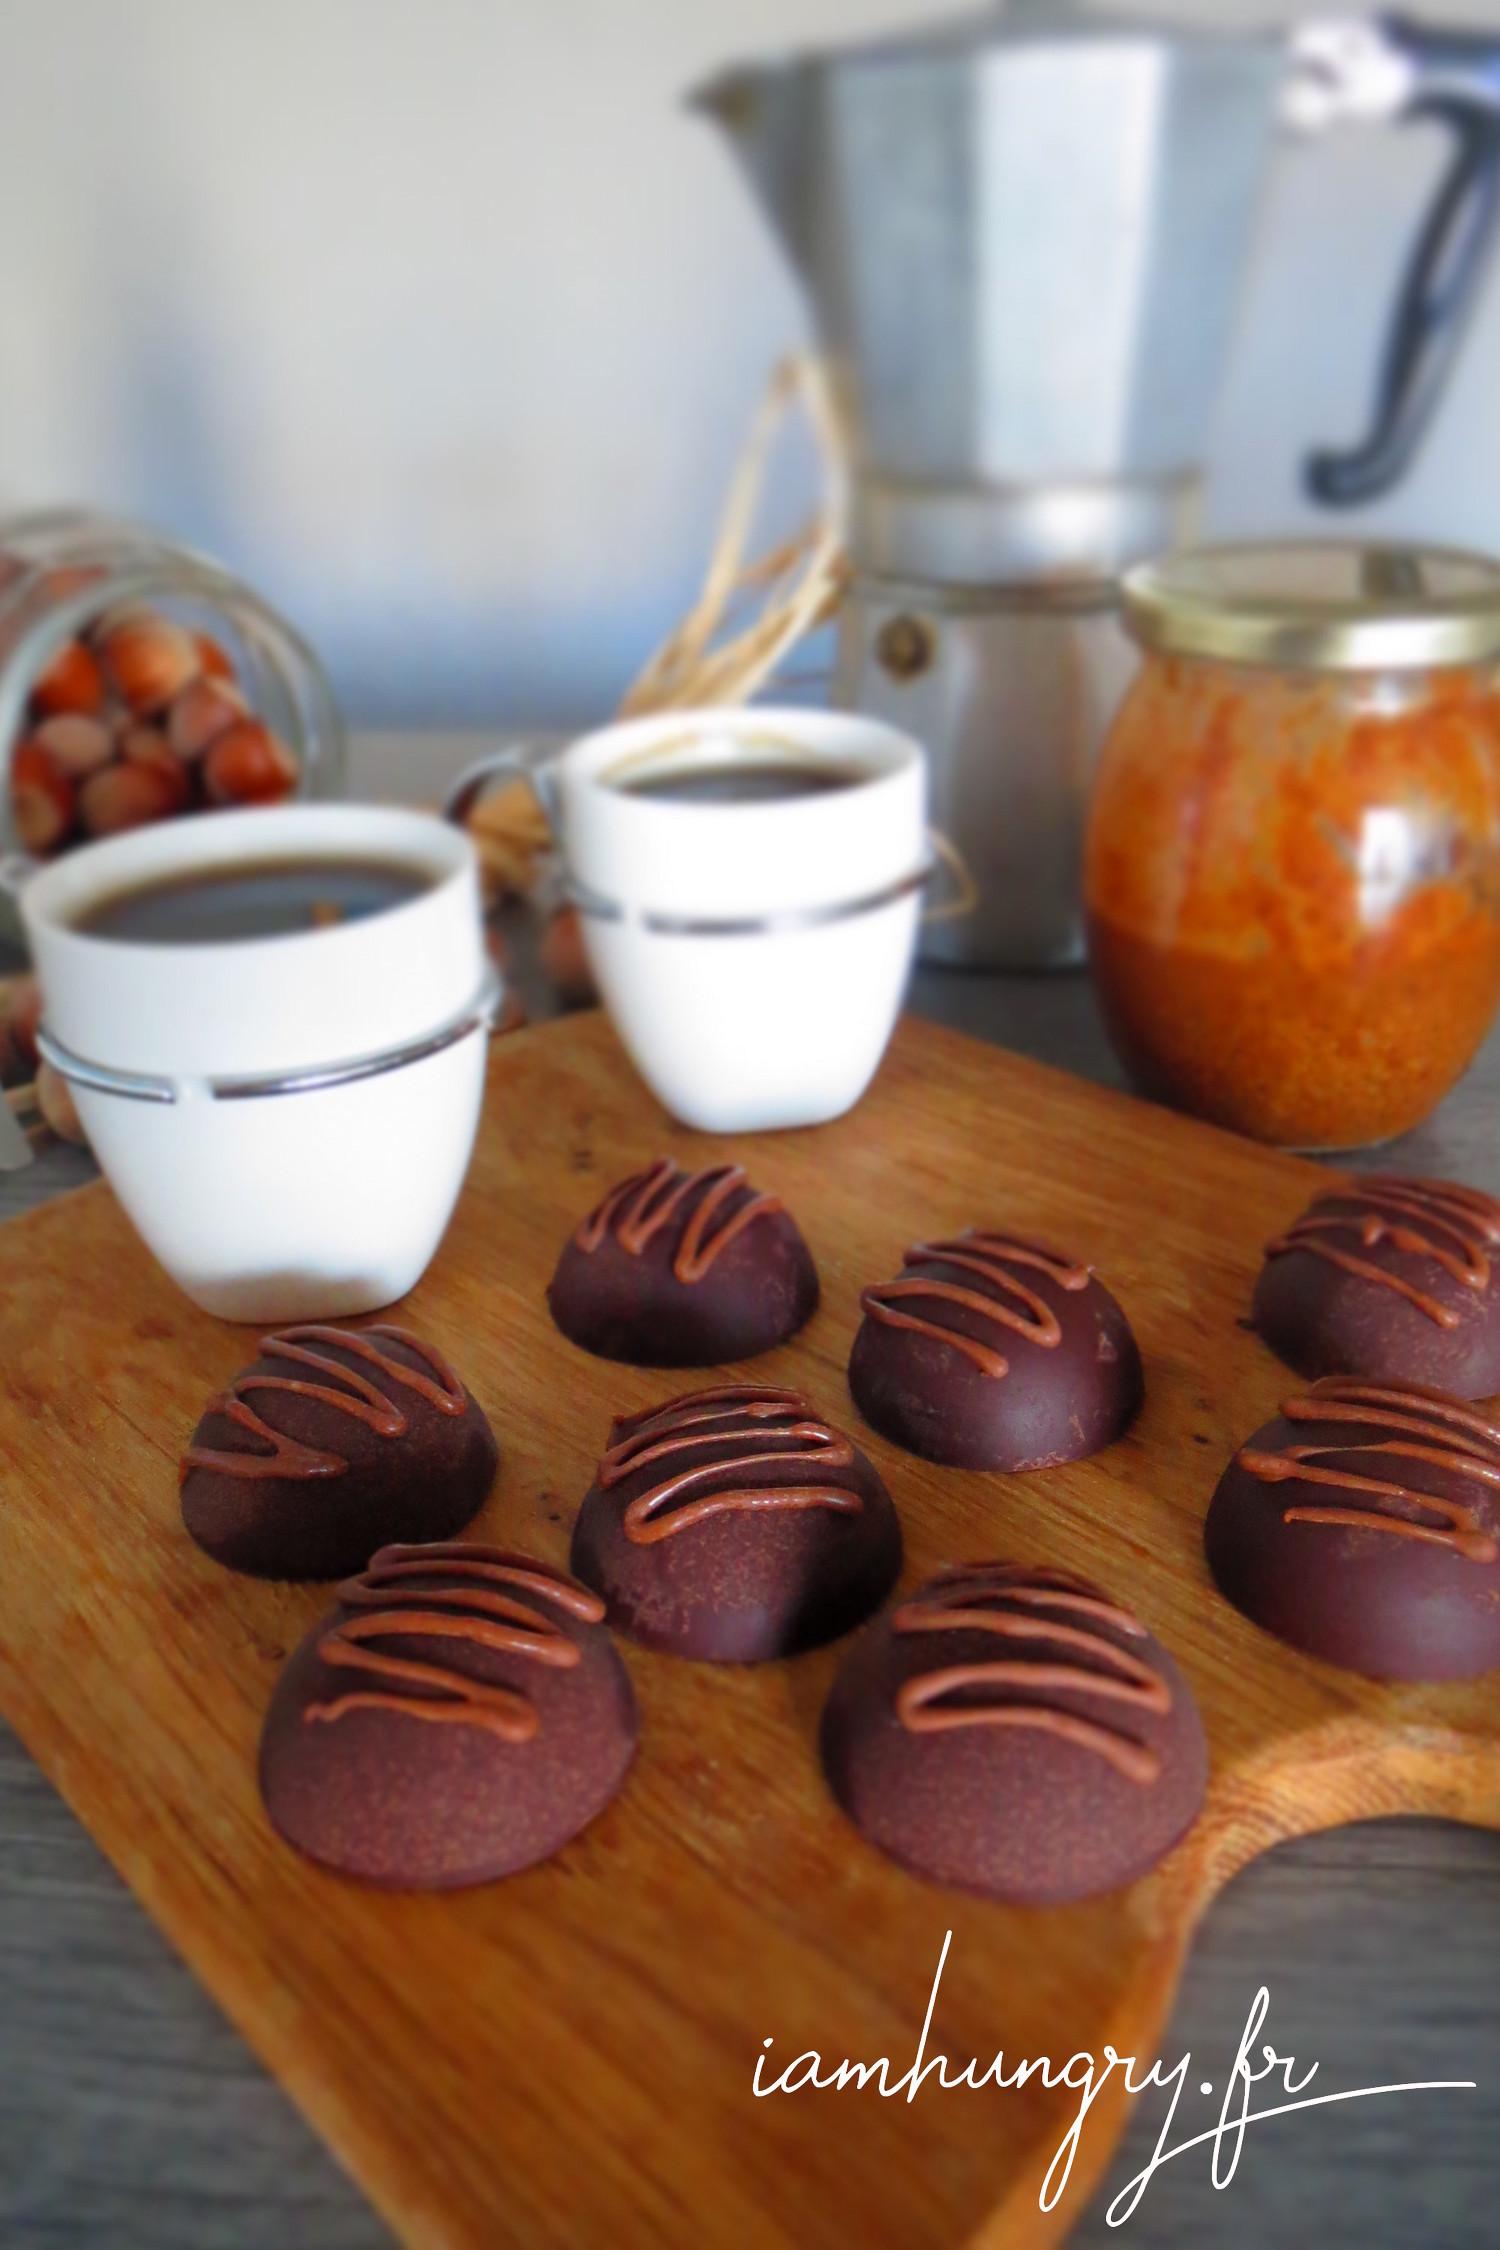 Chocolats au praliné et surprise noisettes